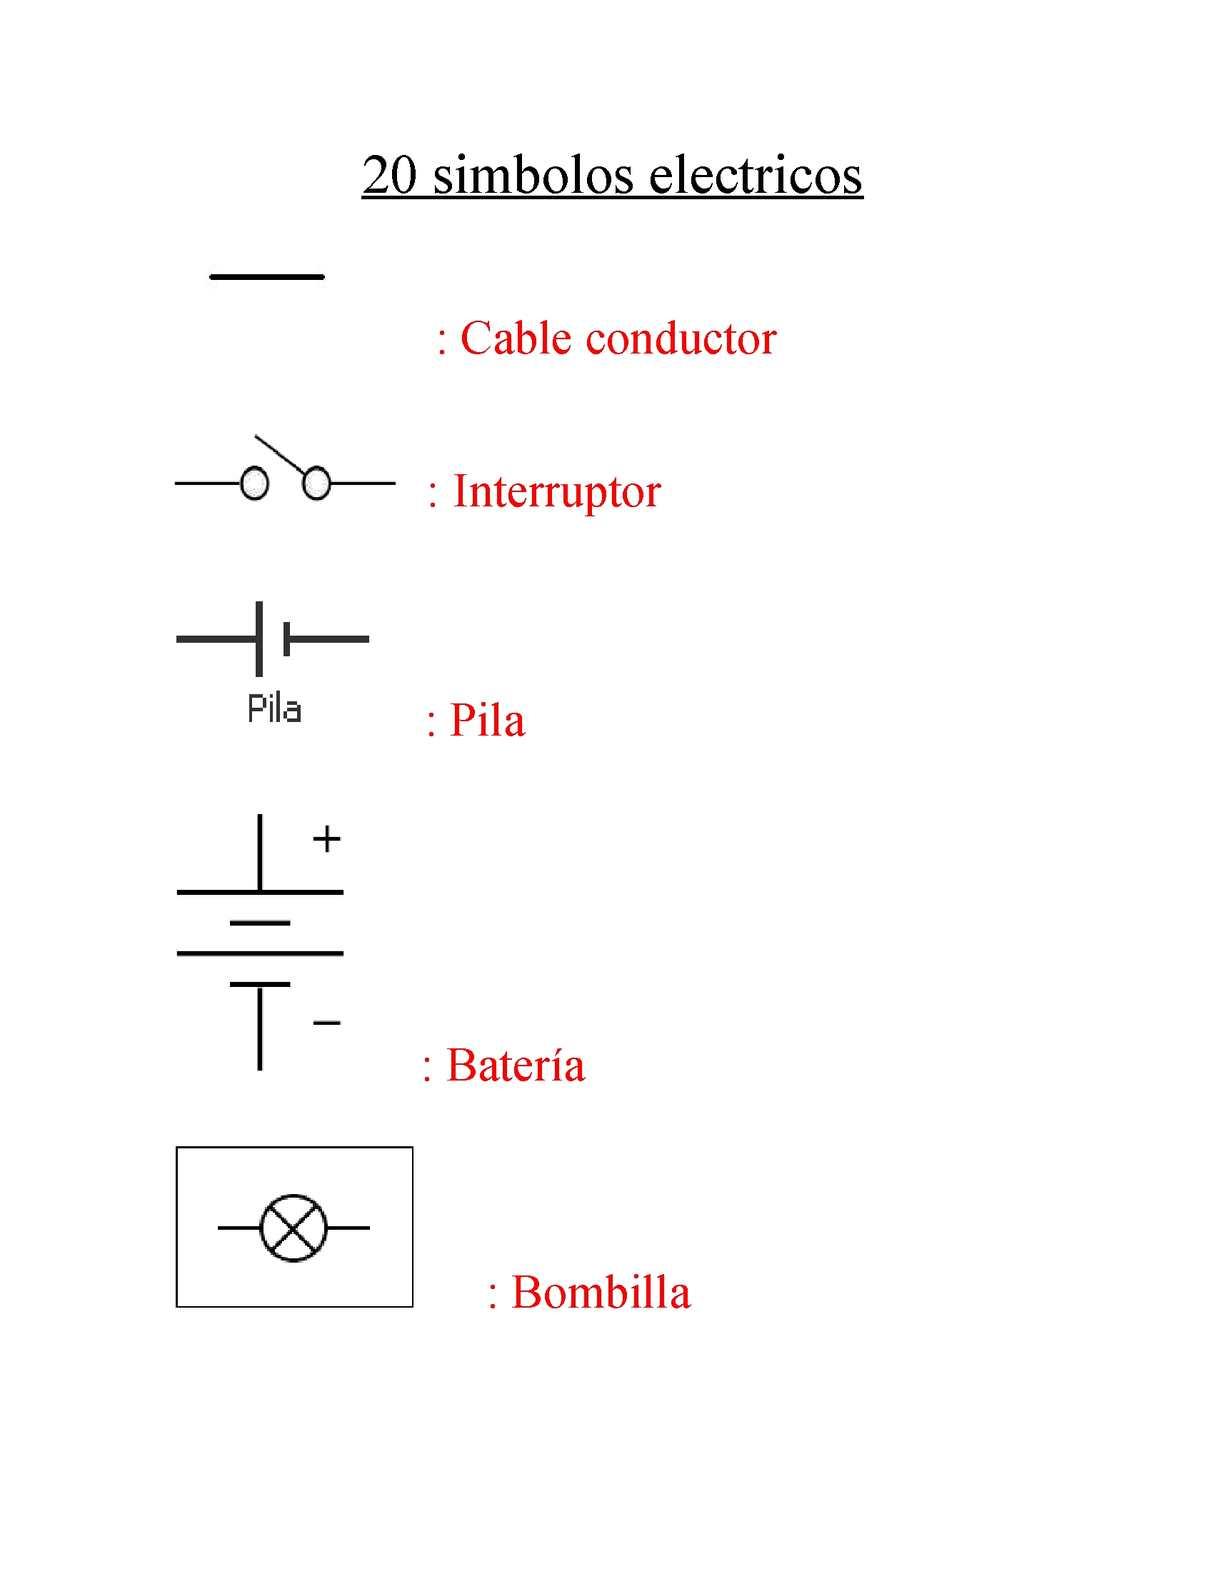 Símbolos de electrónica y su significado